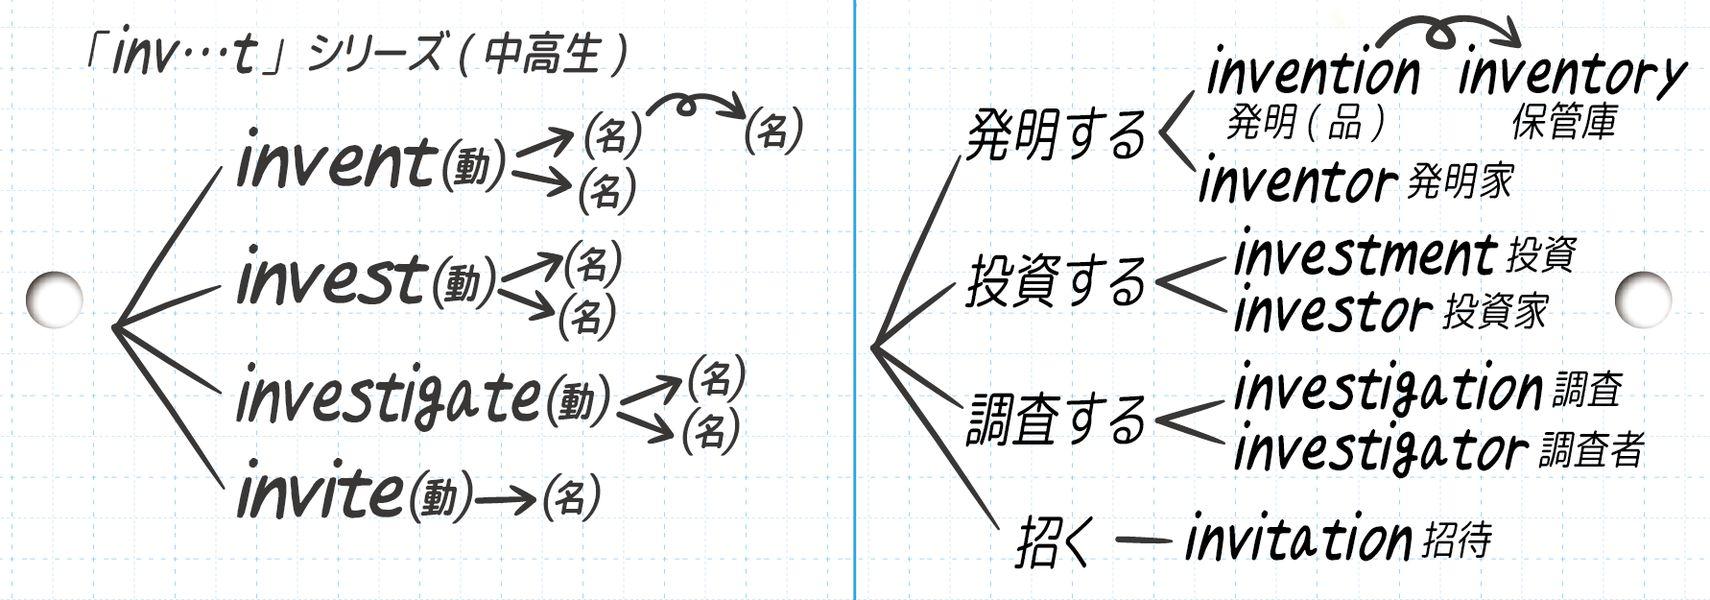 inv…tシリーズの動詞と派生語を整理したもの